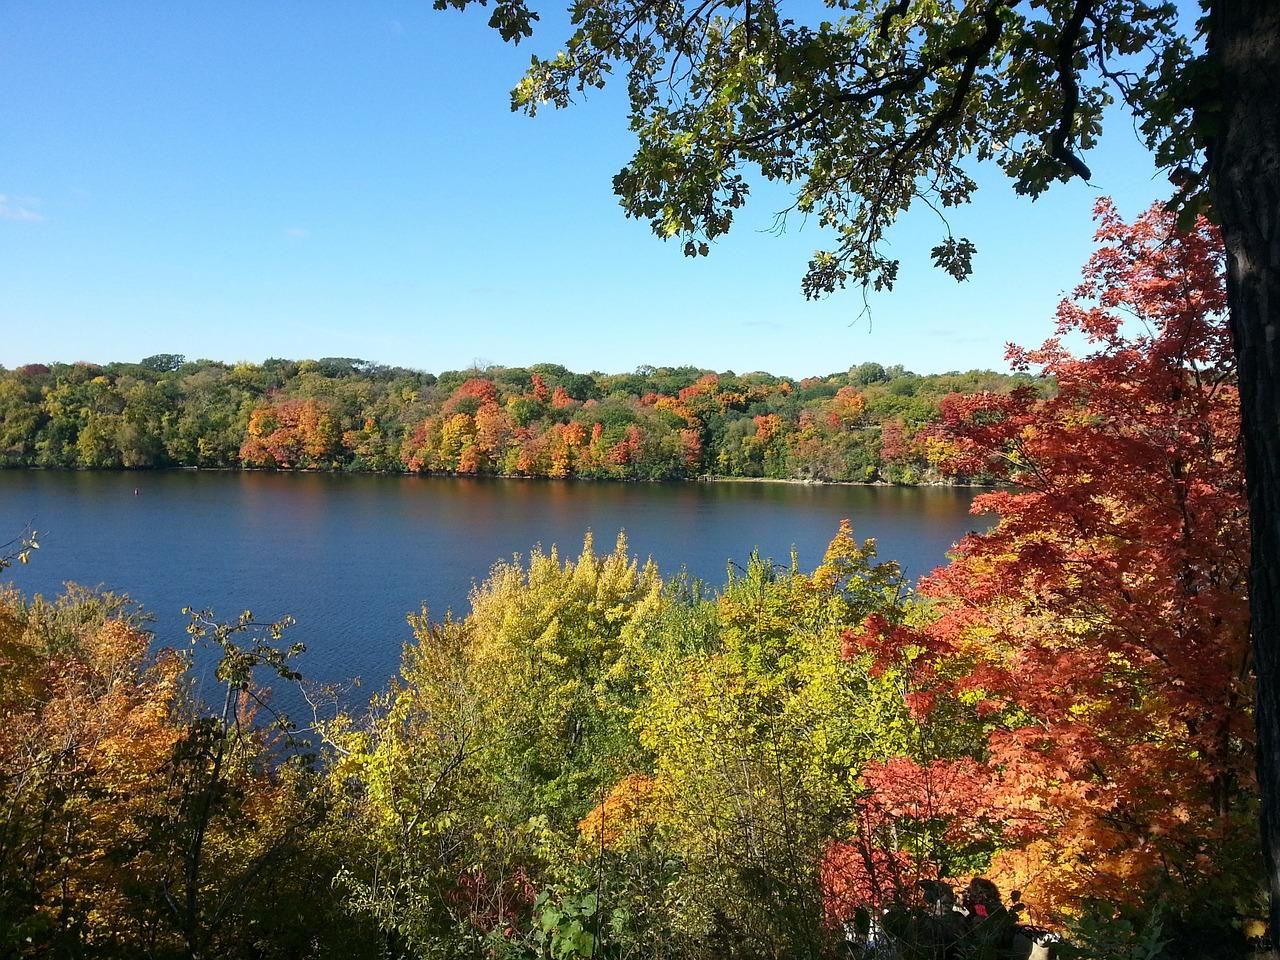 fall-foliage-640070_1280.jpg